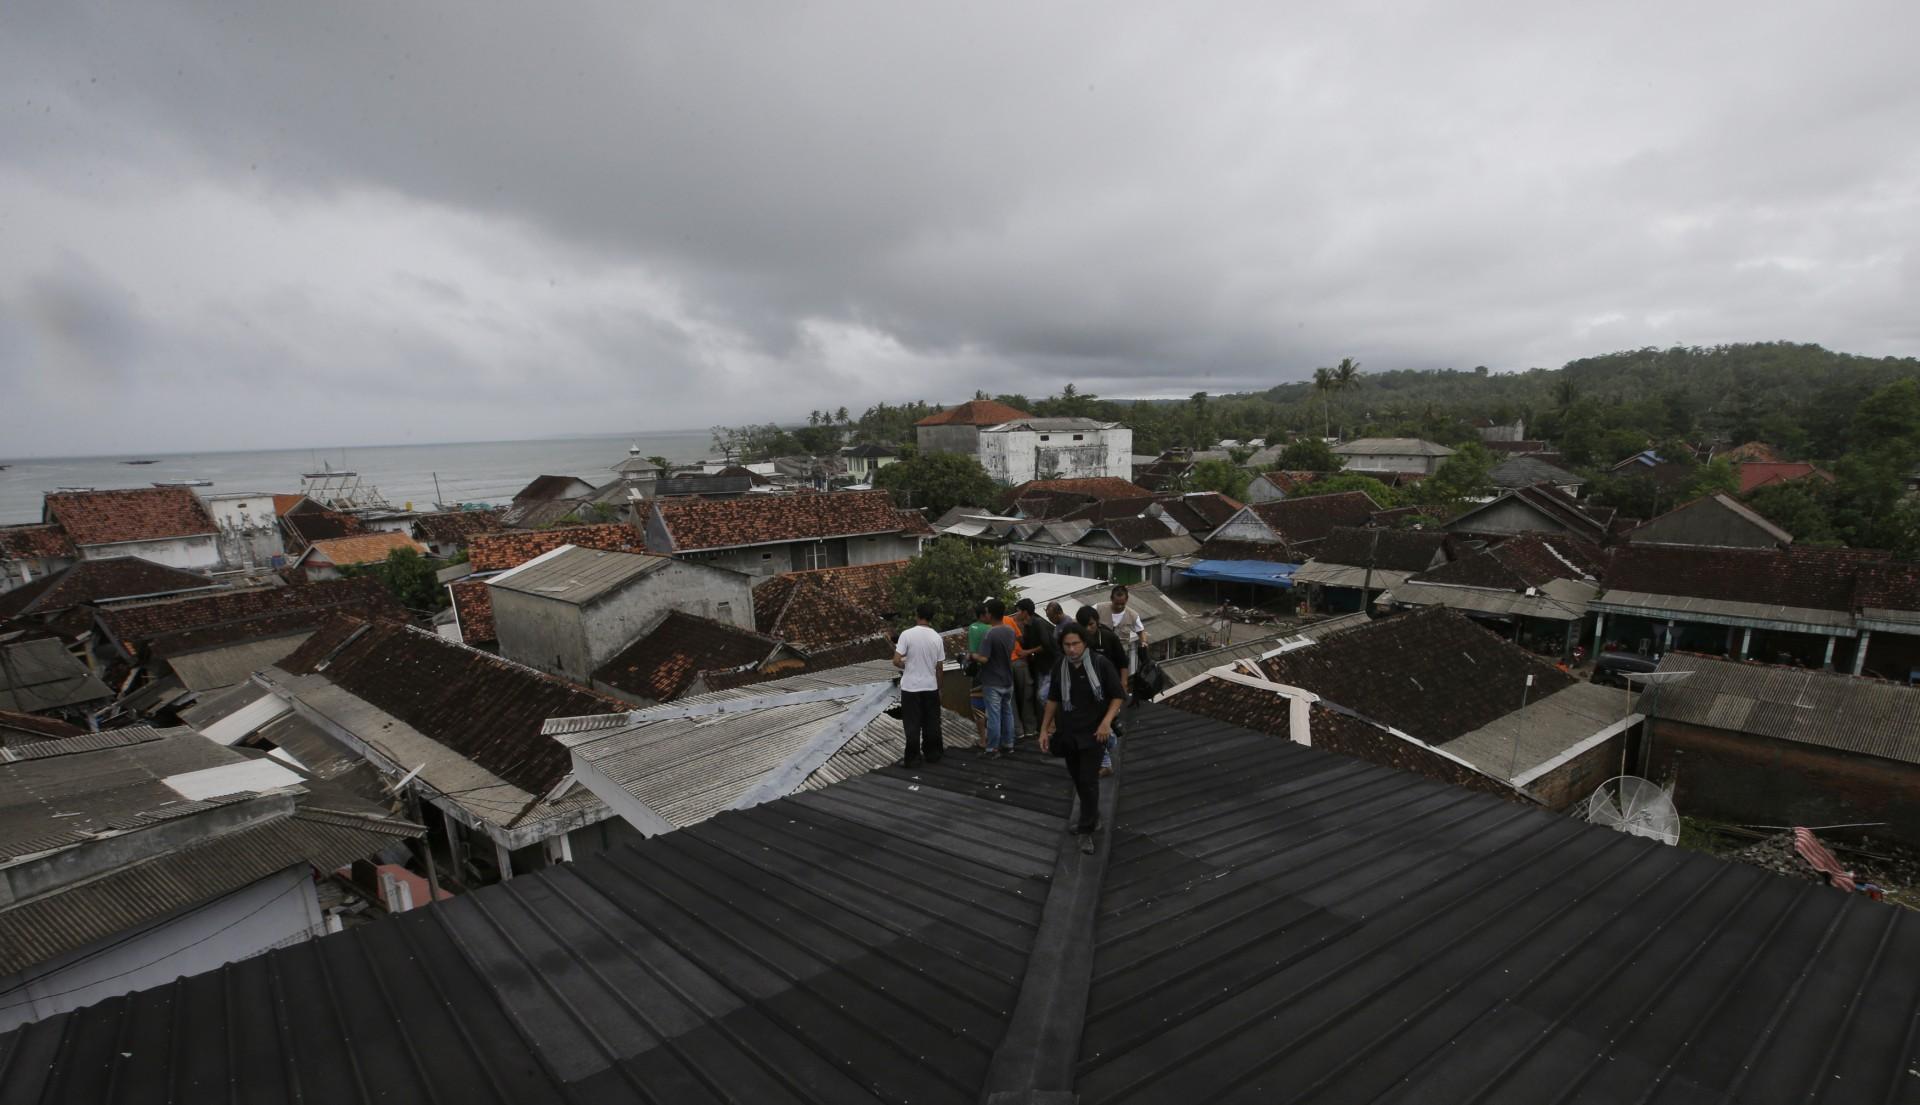 La gente temida por el tsunami se refugia en la parte superior de una mezquita en la aldea de Sumur, Indonesia, el martes 25 de diciembre de 2018.